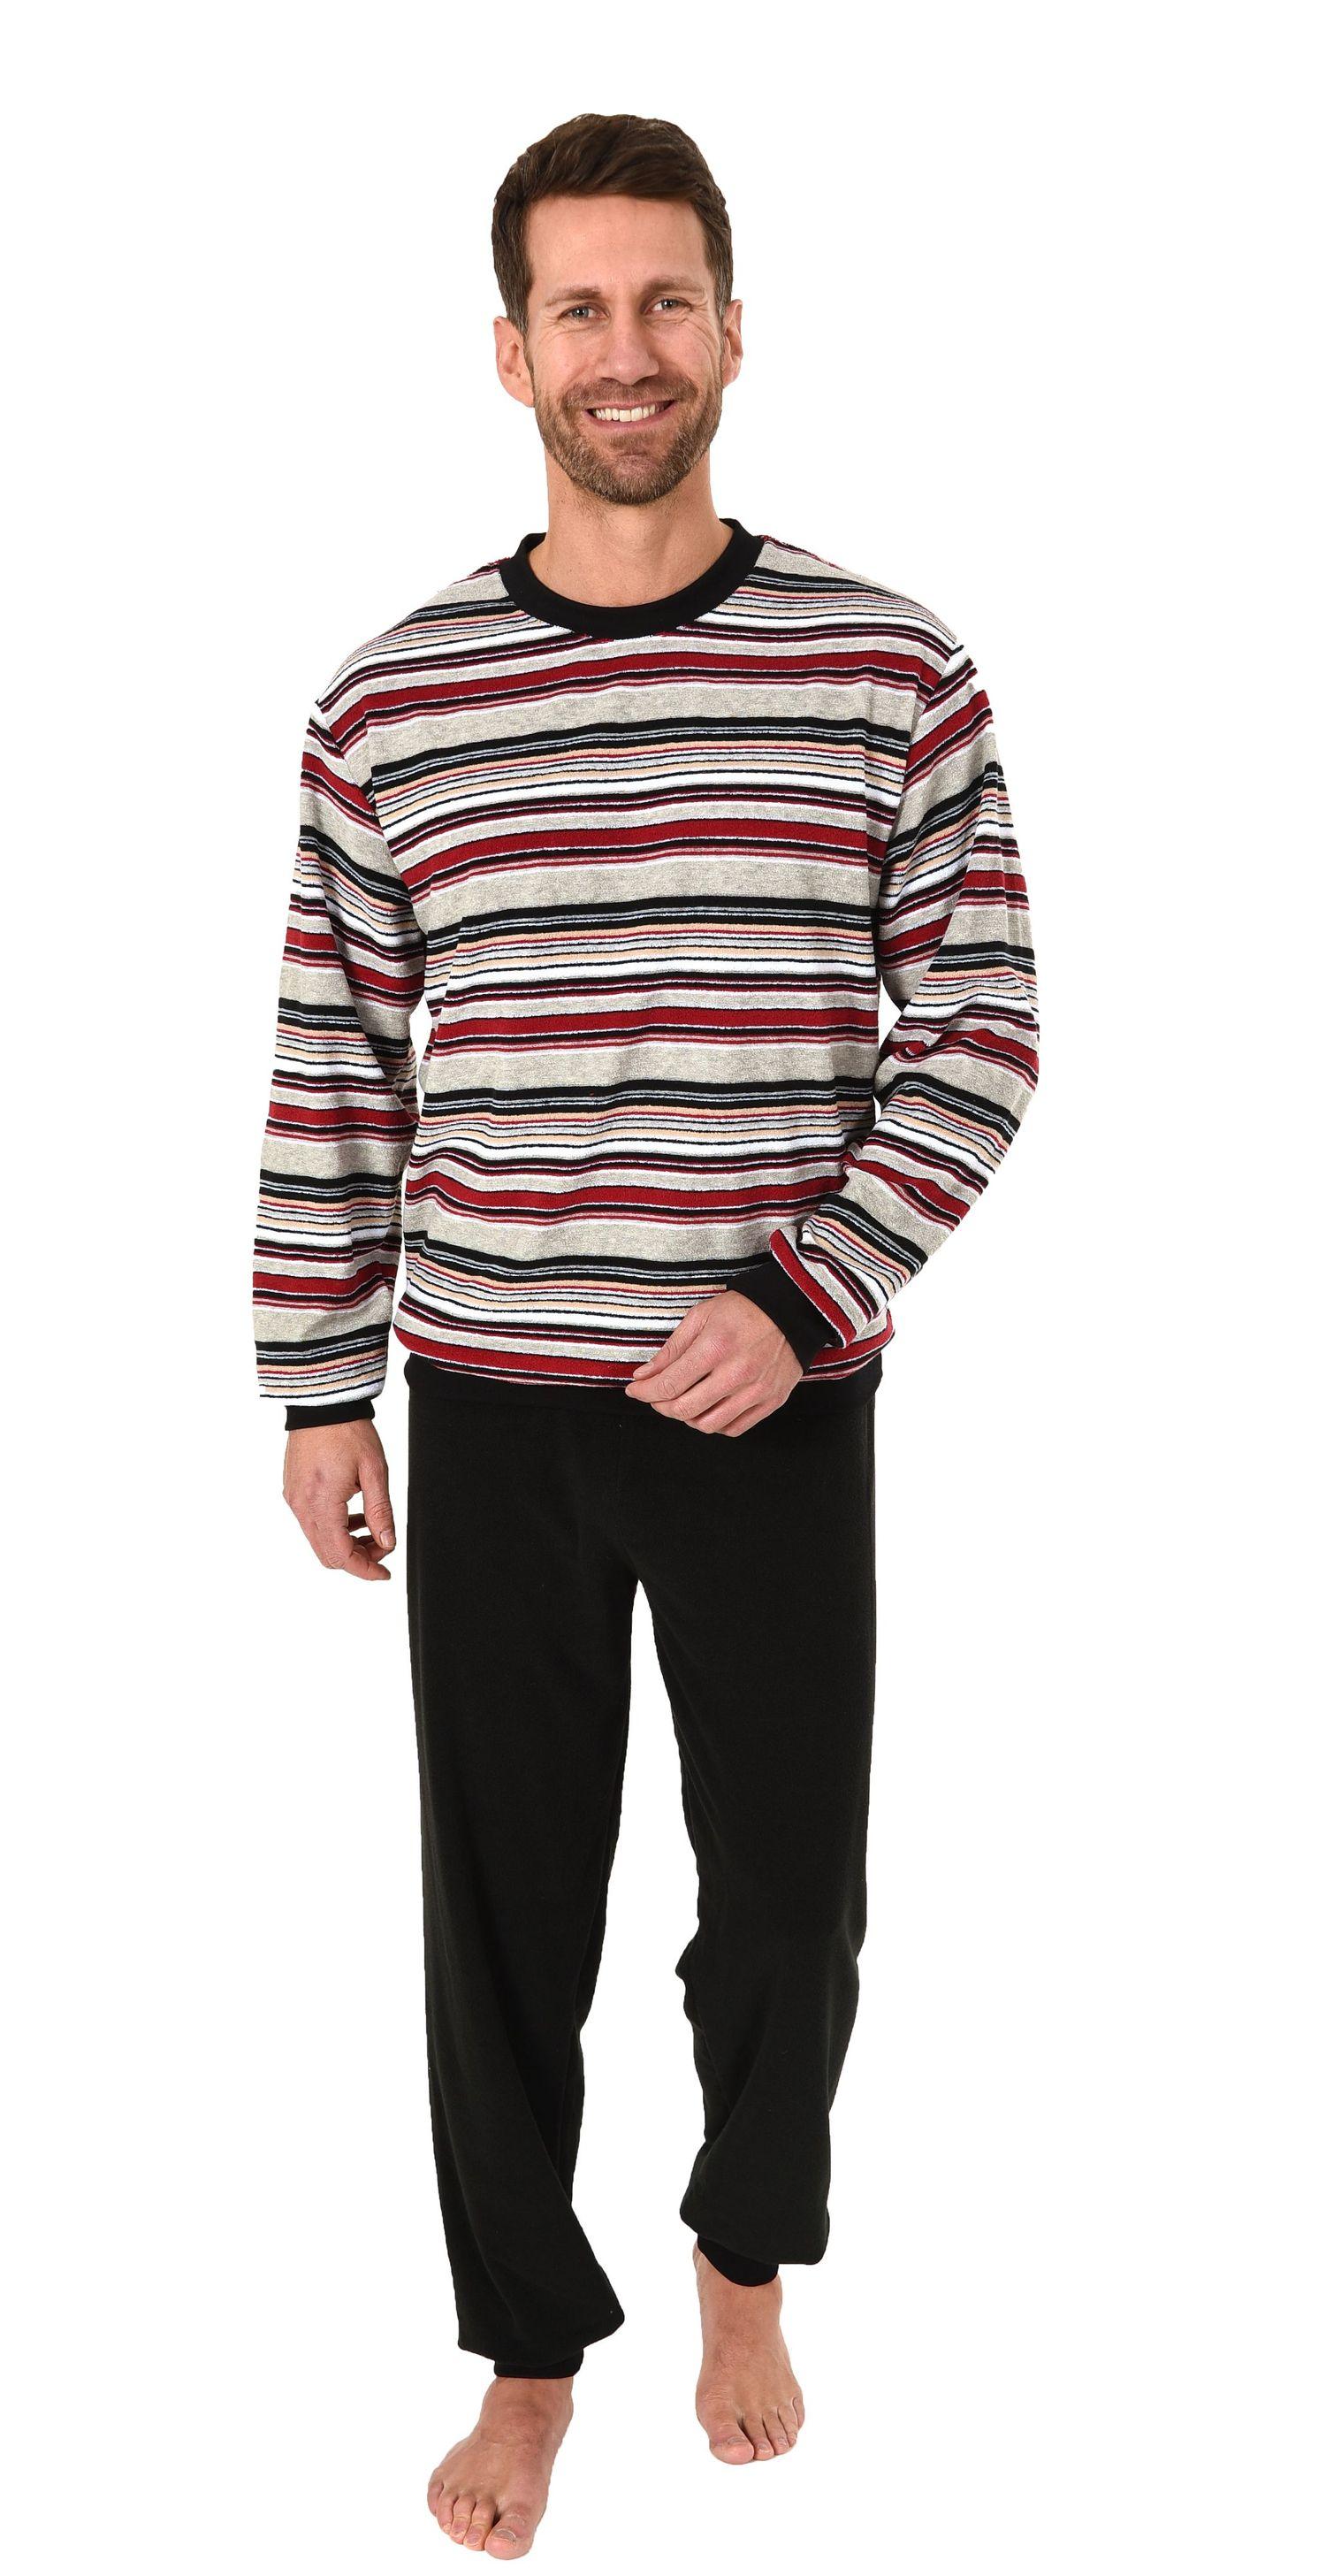 Eleganter Herren Frottee Pyjama Schlafanzug mit Bündchen, auch in Übergrößen - 281 101 93 003